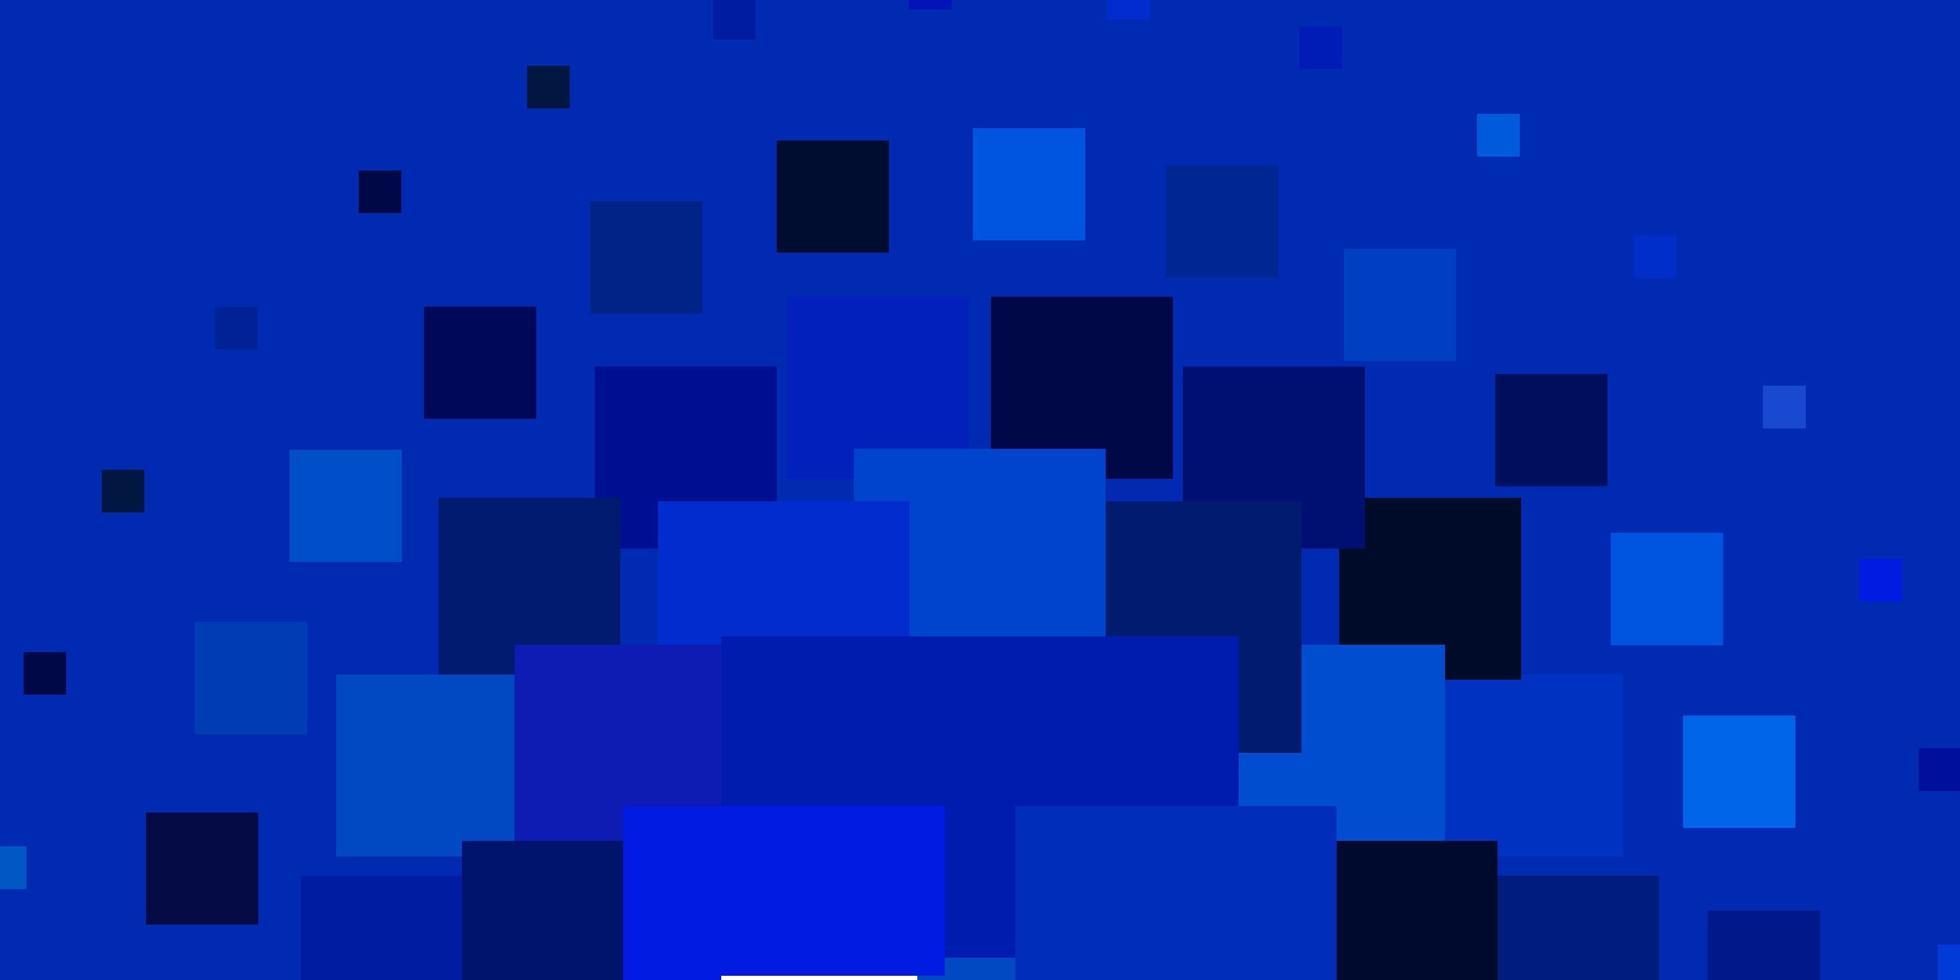 sfondo azzurro in stile poligonale. vettore